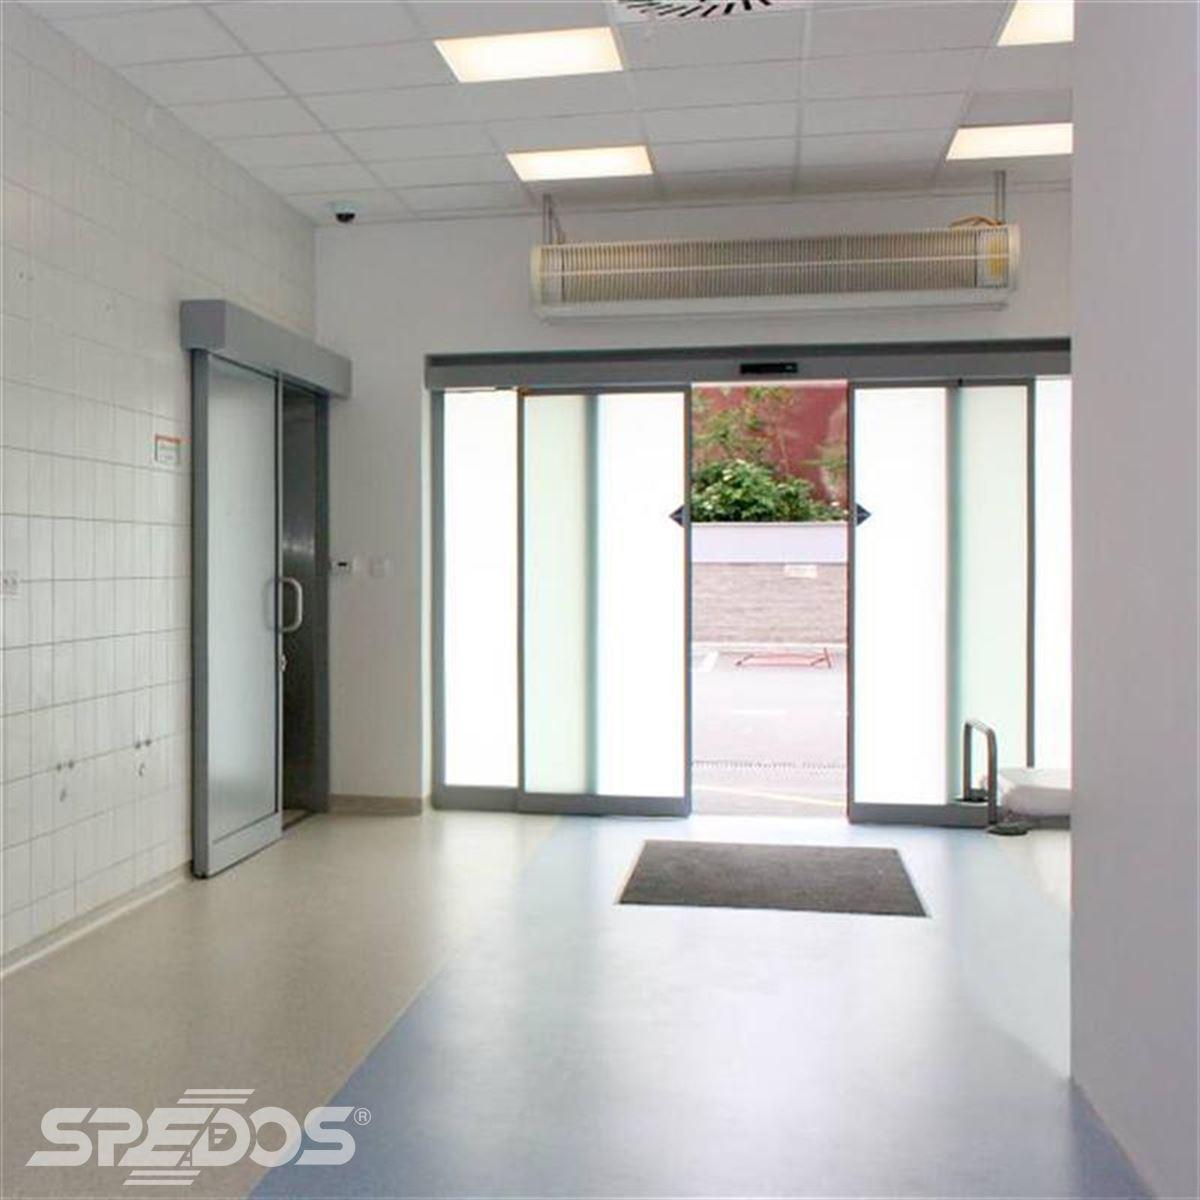 Dvoukřídlé automatické posuvné dveře pro nemocnici sv. Michala 4